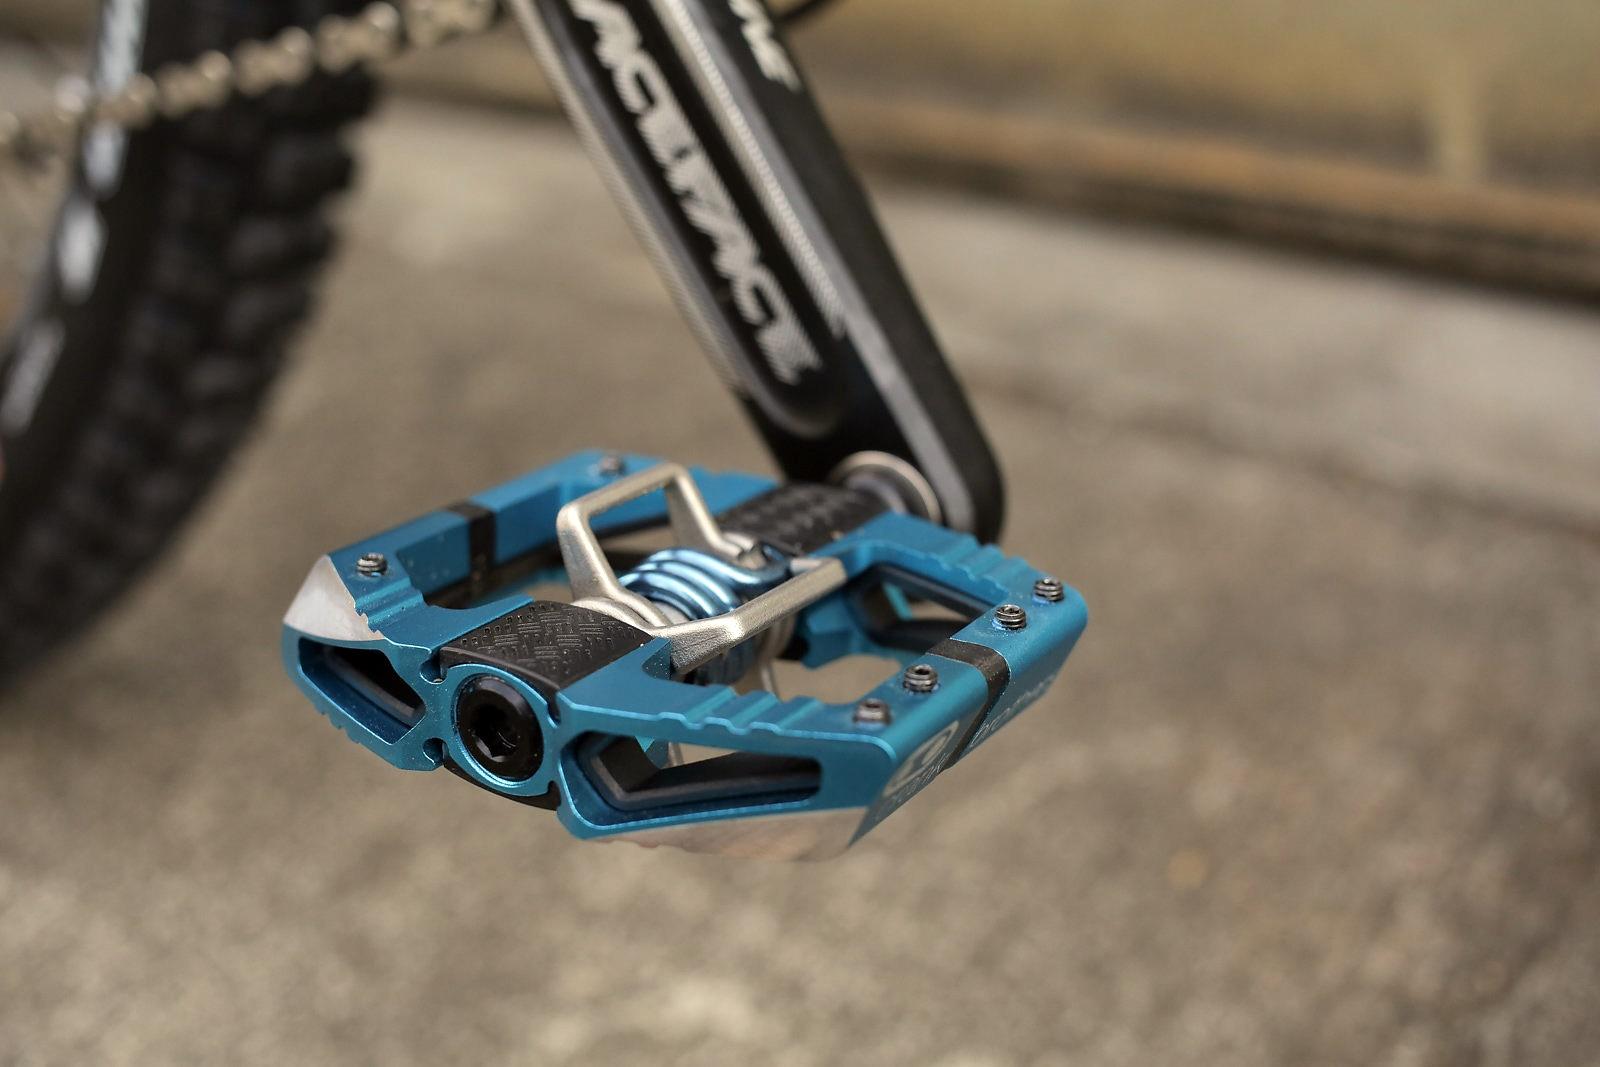 pedały rowerowe platformowe z systemem spd